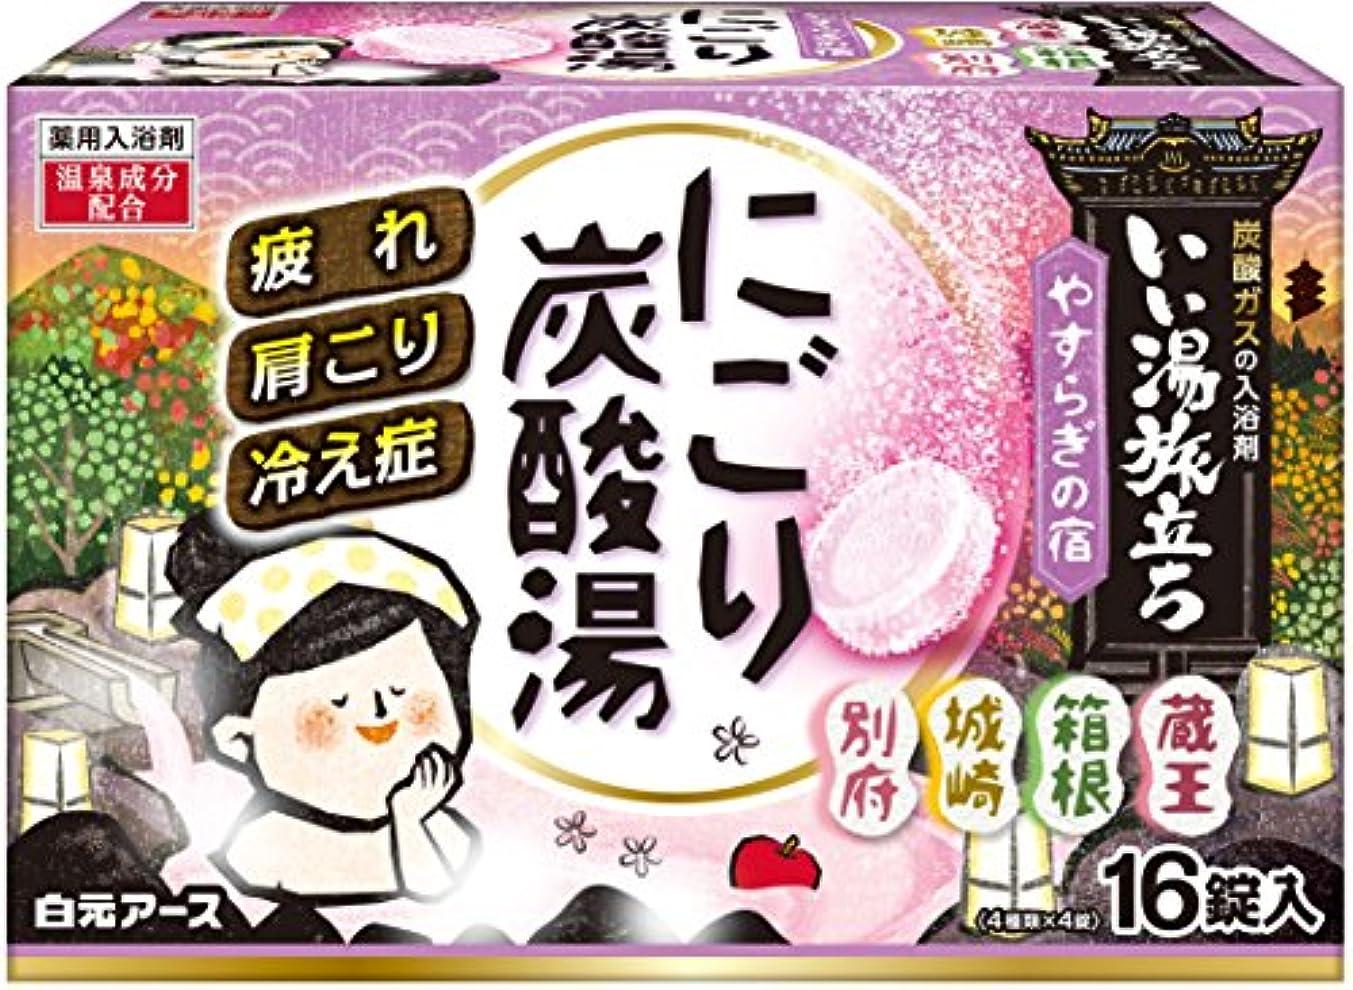 進化階段メニューいい湯旅立ち にごり炭酸湯 やすらぎの宿 16錠入(4種類×4錠)